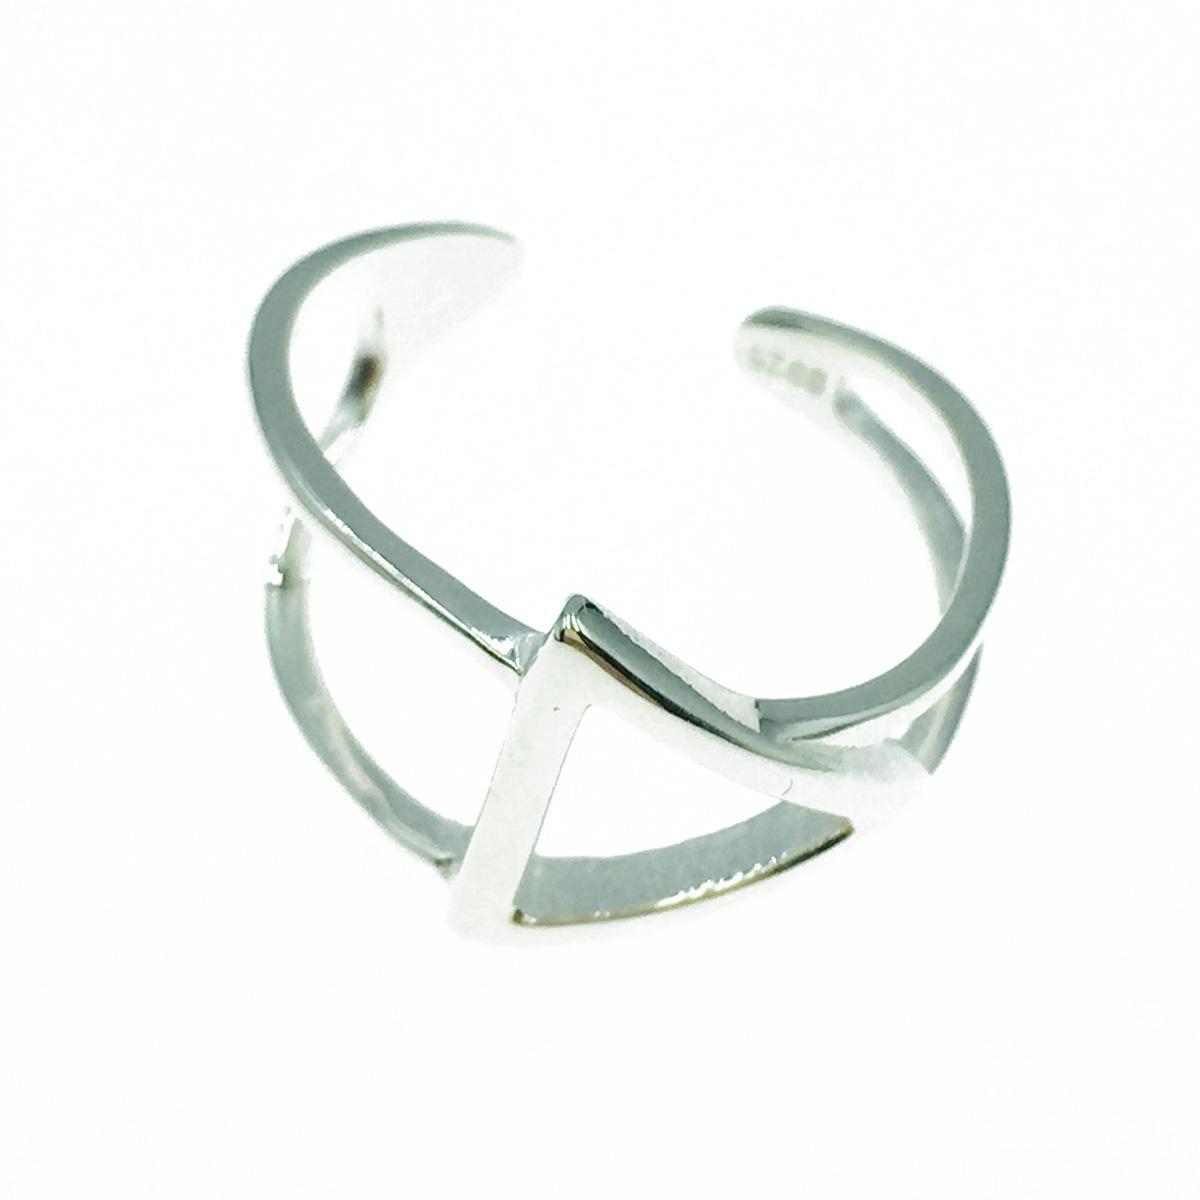 韓國 925純銀 簍空三角形 歐美金屬風 簡約款 可調式 手飾 戒指